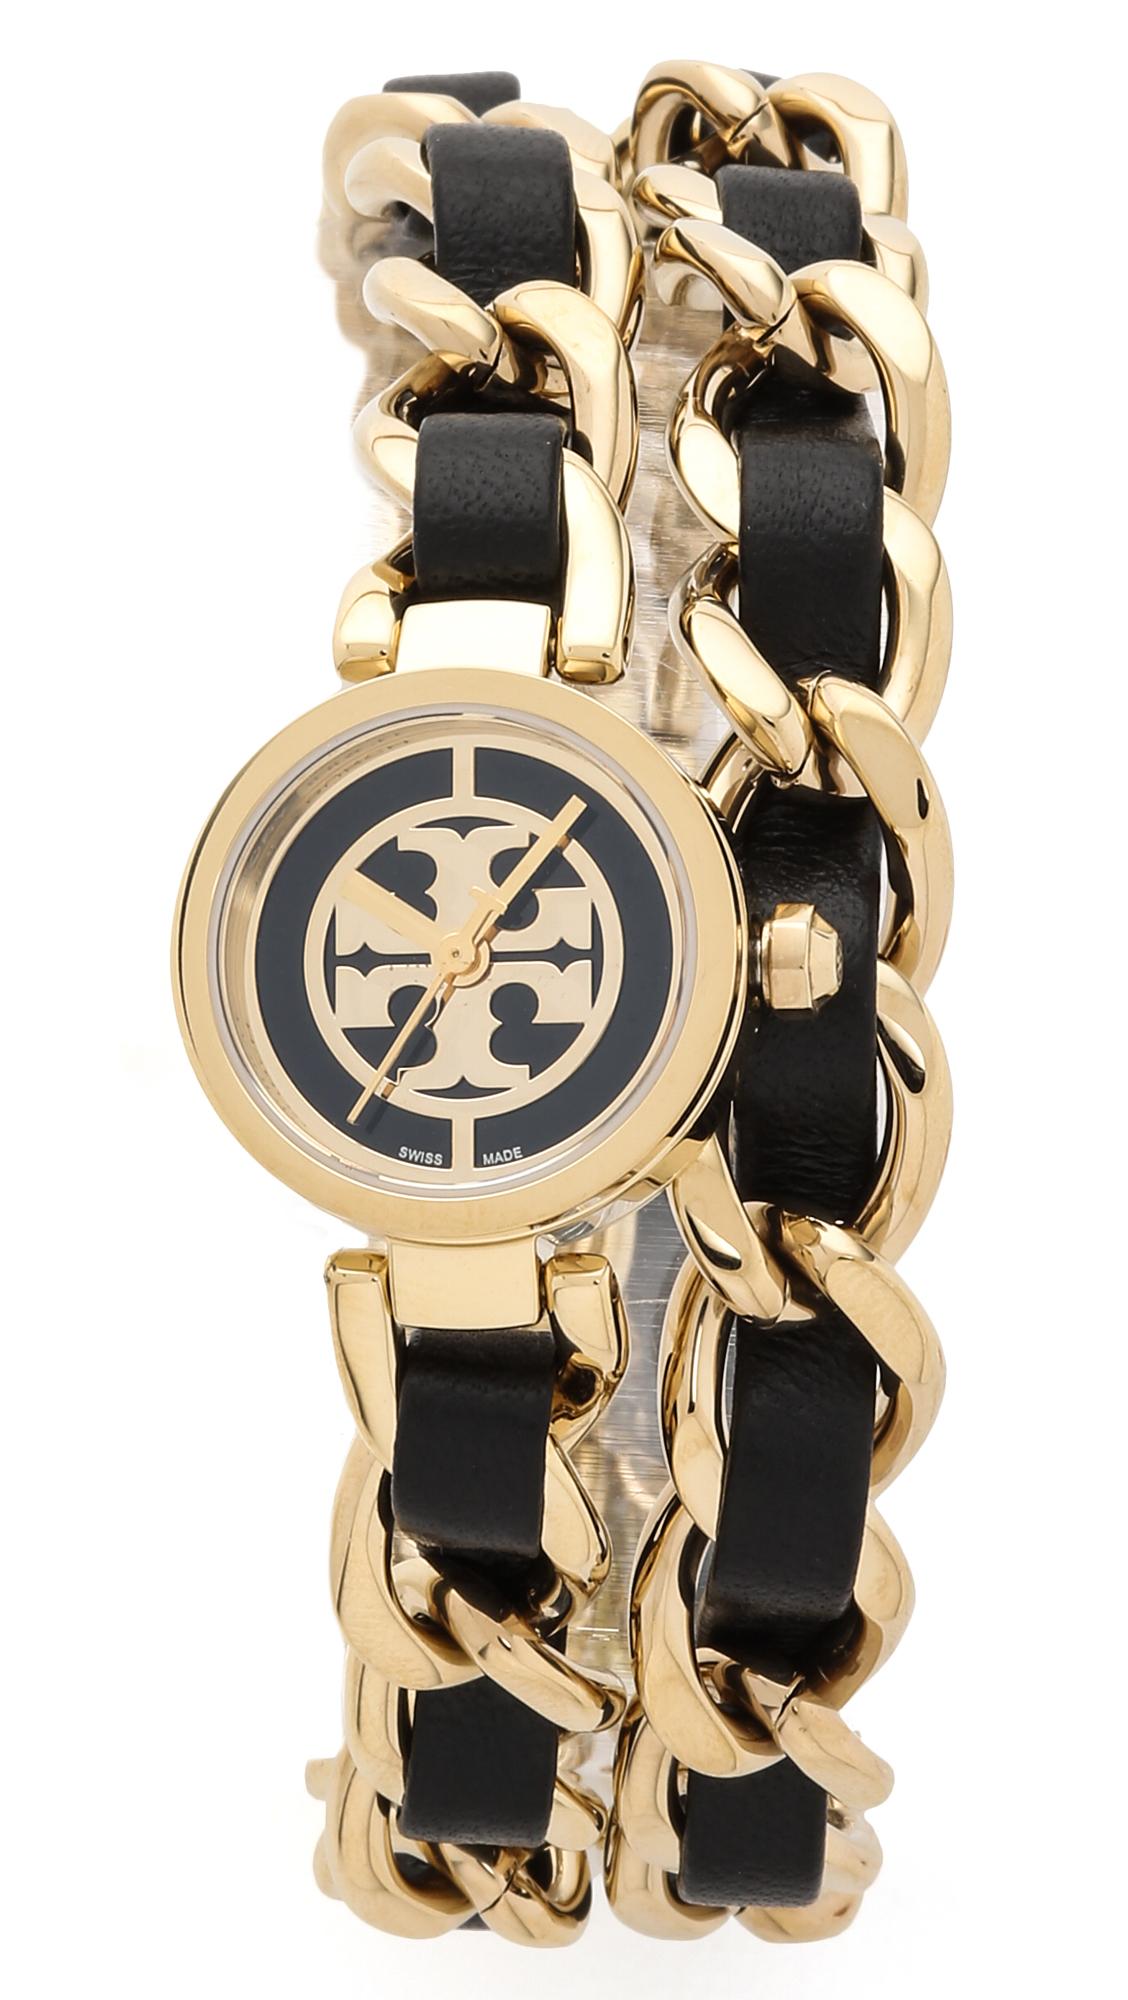 075a324ee Tory Burch Mini Reva Double Wrap Watch in Metallic - Lyst